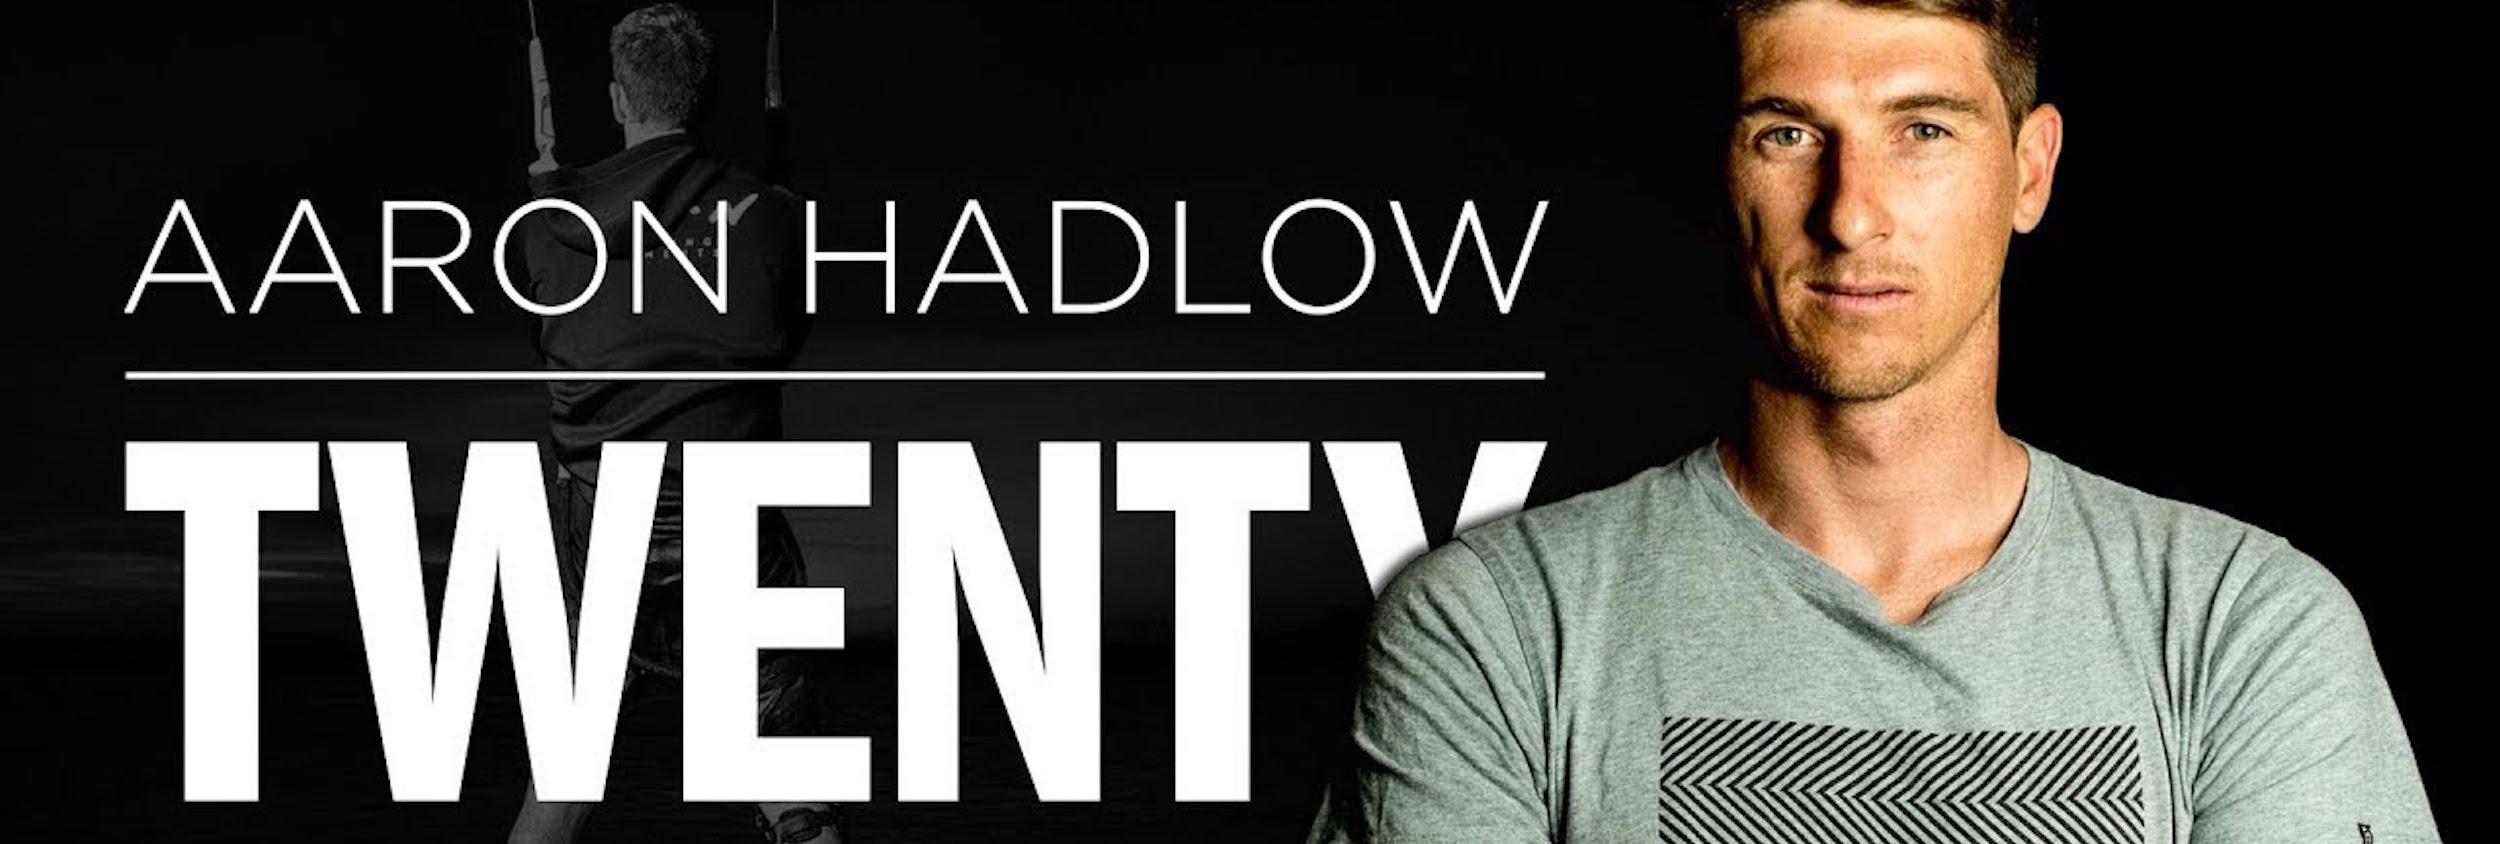 Aaron Hadlow TWENTY movie